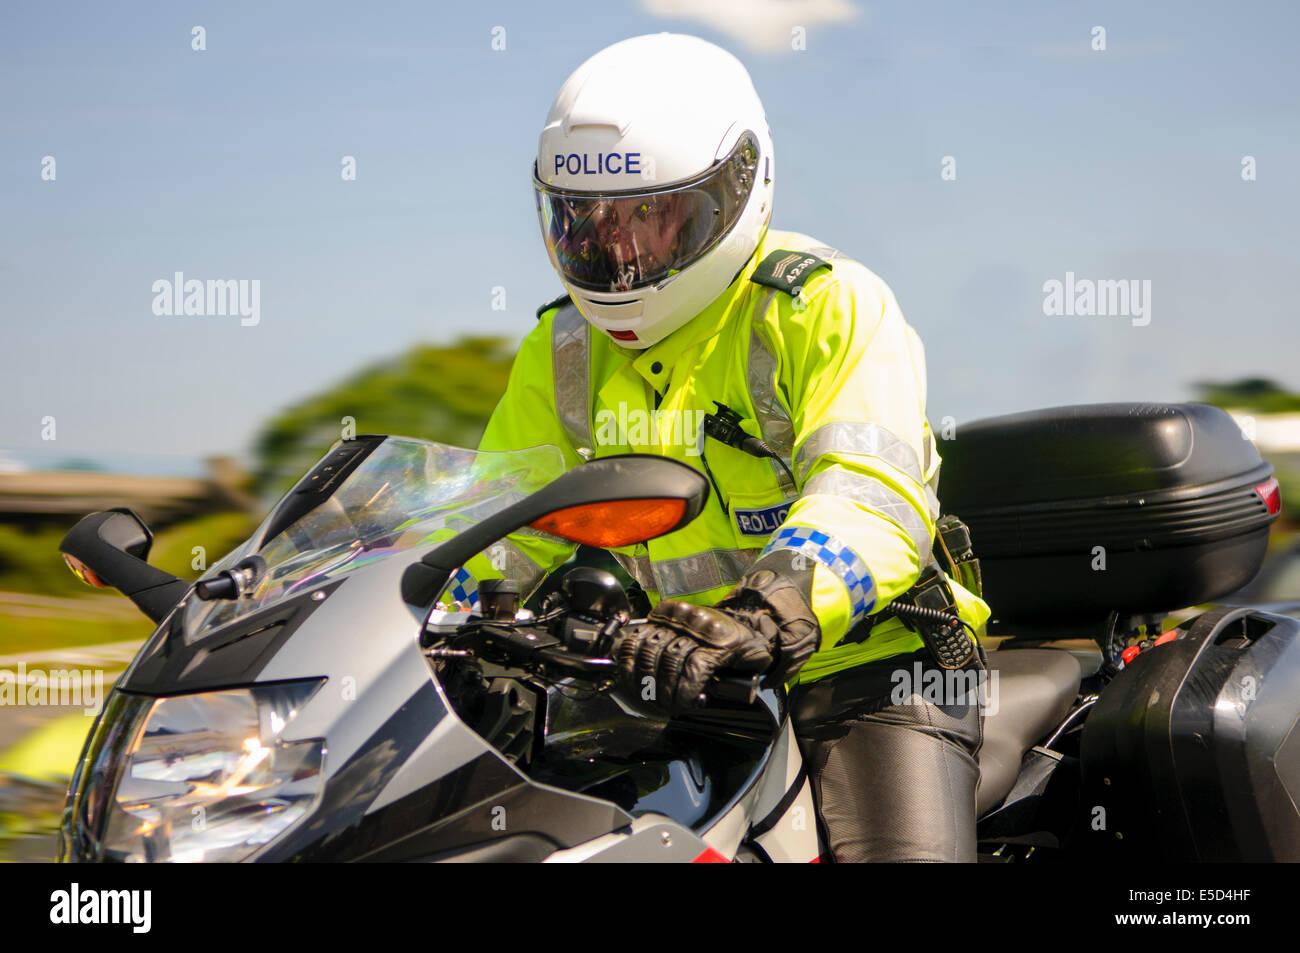 La polizia motociclista cavalca un camuffati moto della polizia per aiutare con la rilevazione delle infrazioni Immagini Stock